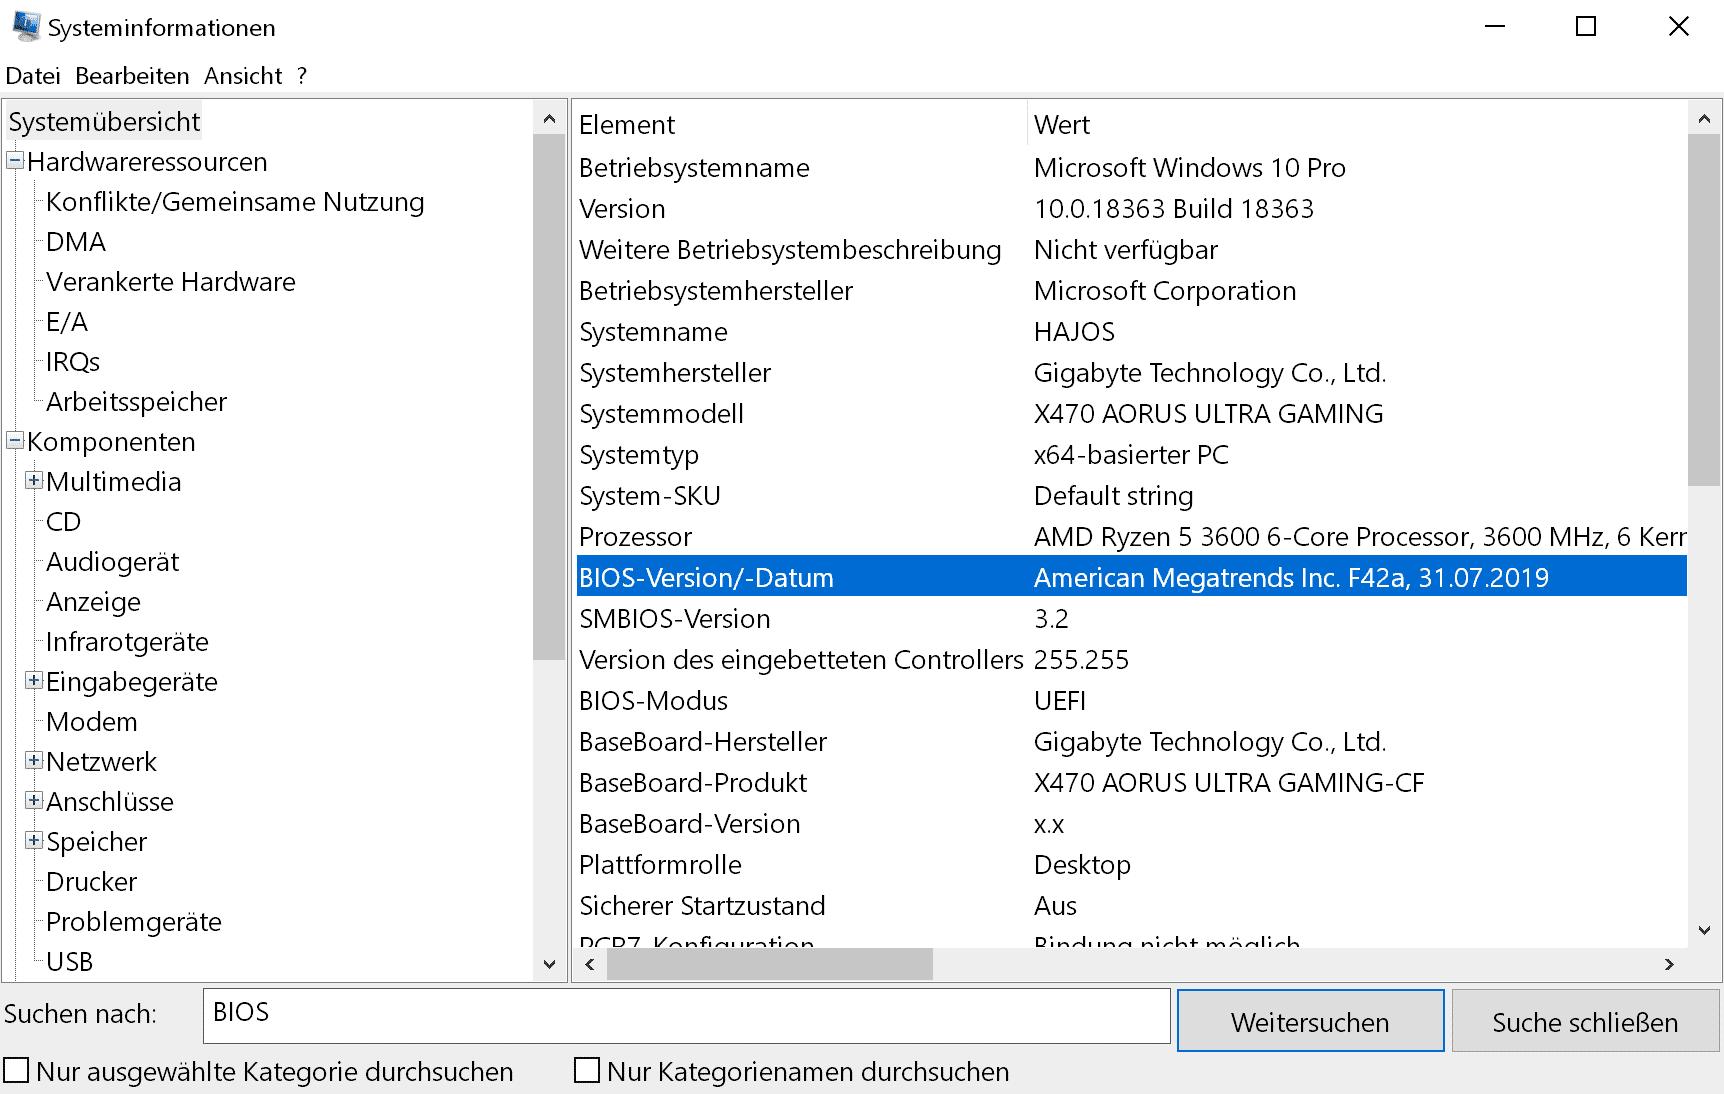 """Die """"Systeminformationen"""" präsentieren etliche Details über das Mainboard und dessen BIOS."""